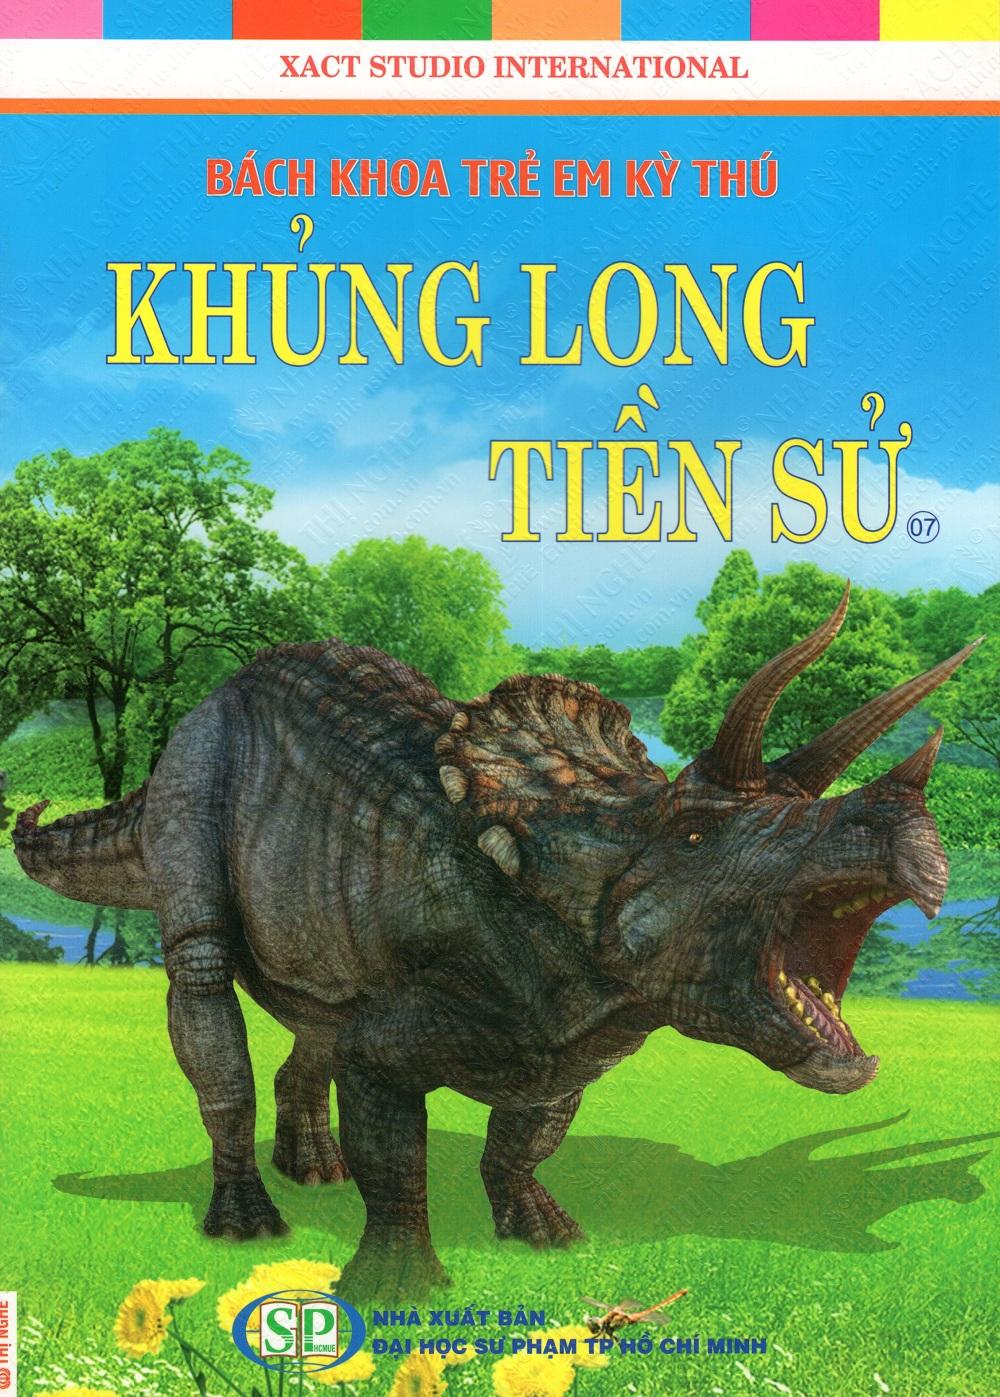 Bìa sách Bách Khoa Trẻ Em Kỳ Thú - Khủng Long Tiền Sử (07)